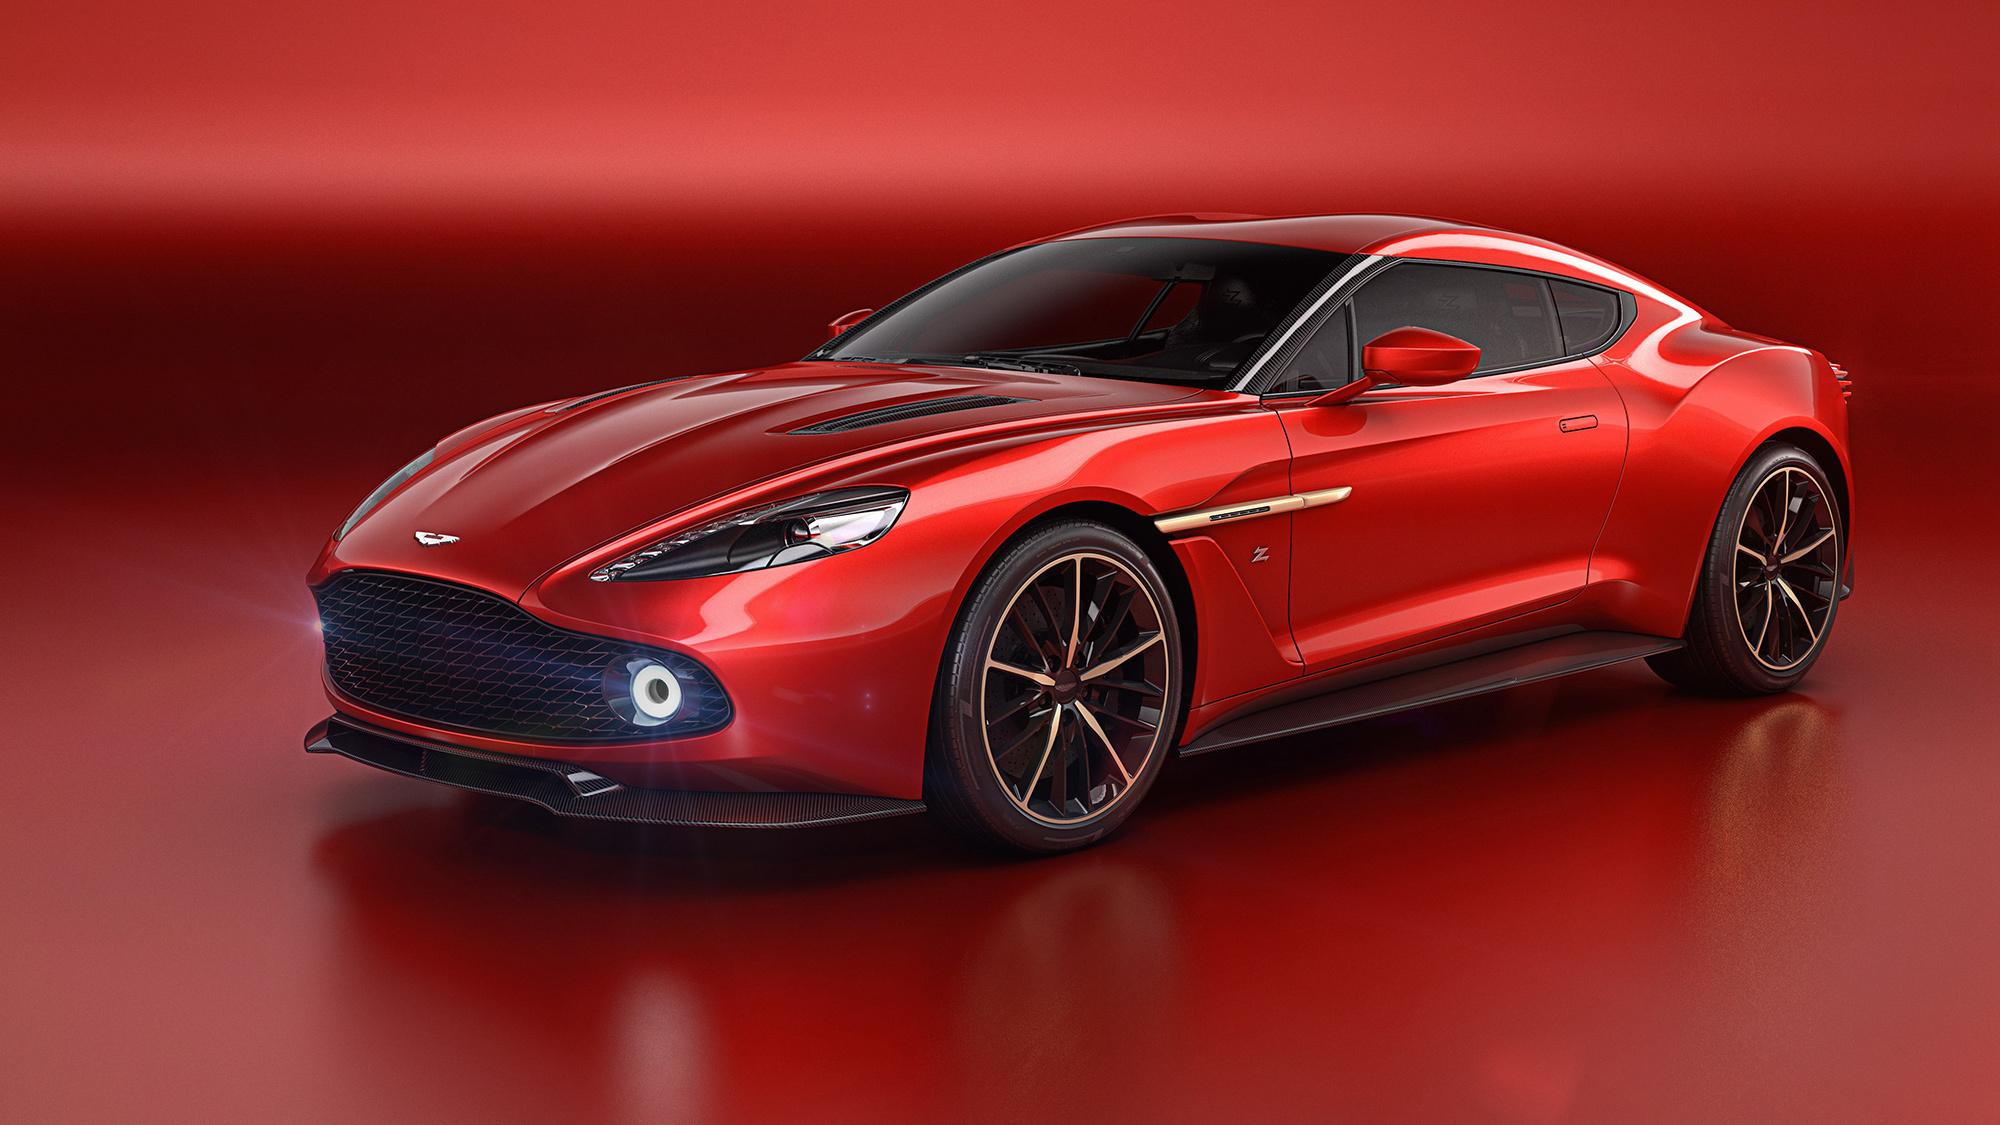 Aston Martin Vanquish Zagato Concept Wallpapers HD